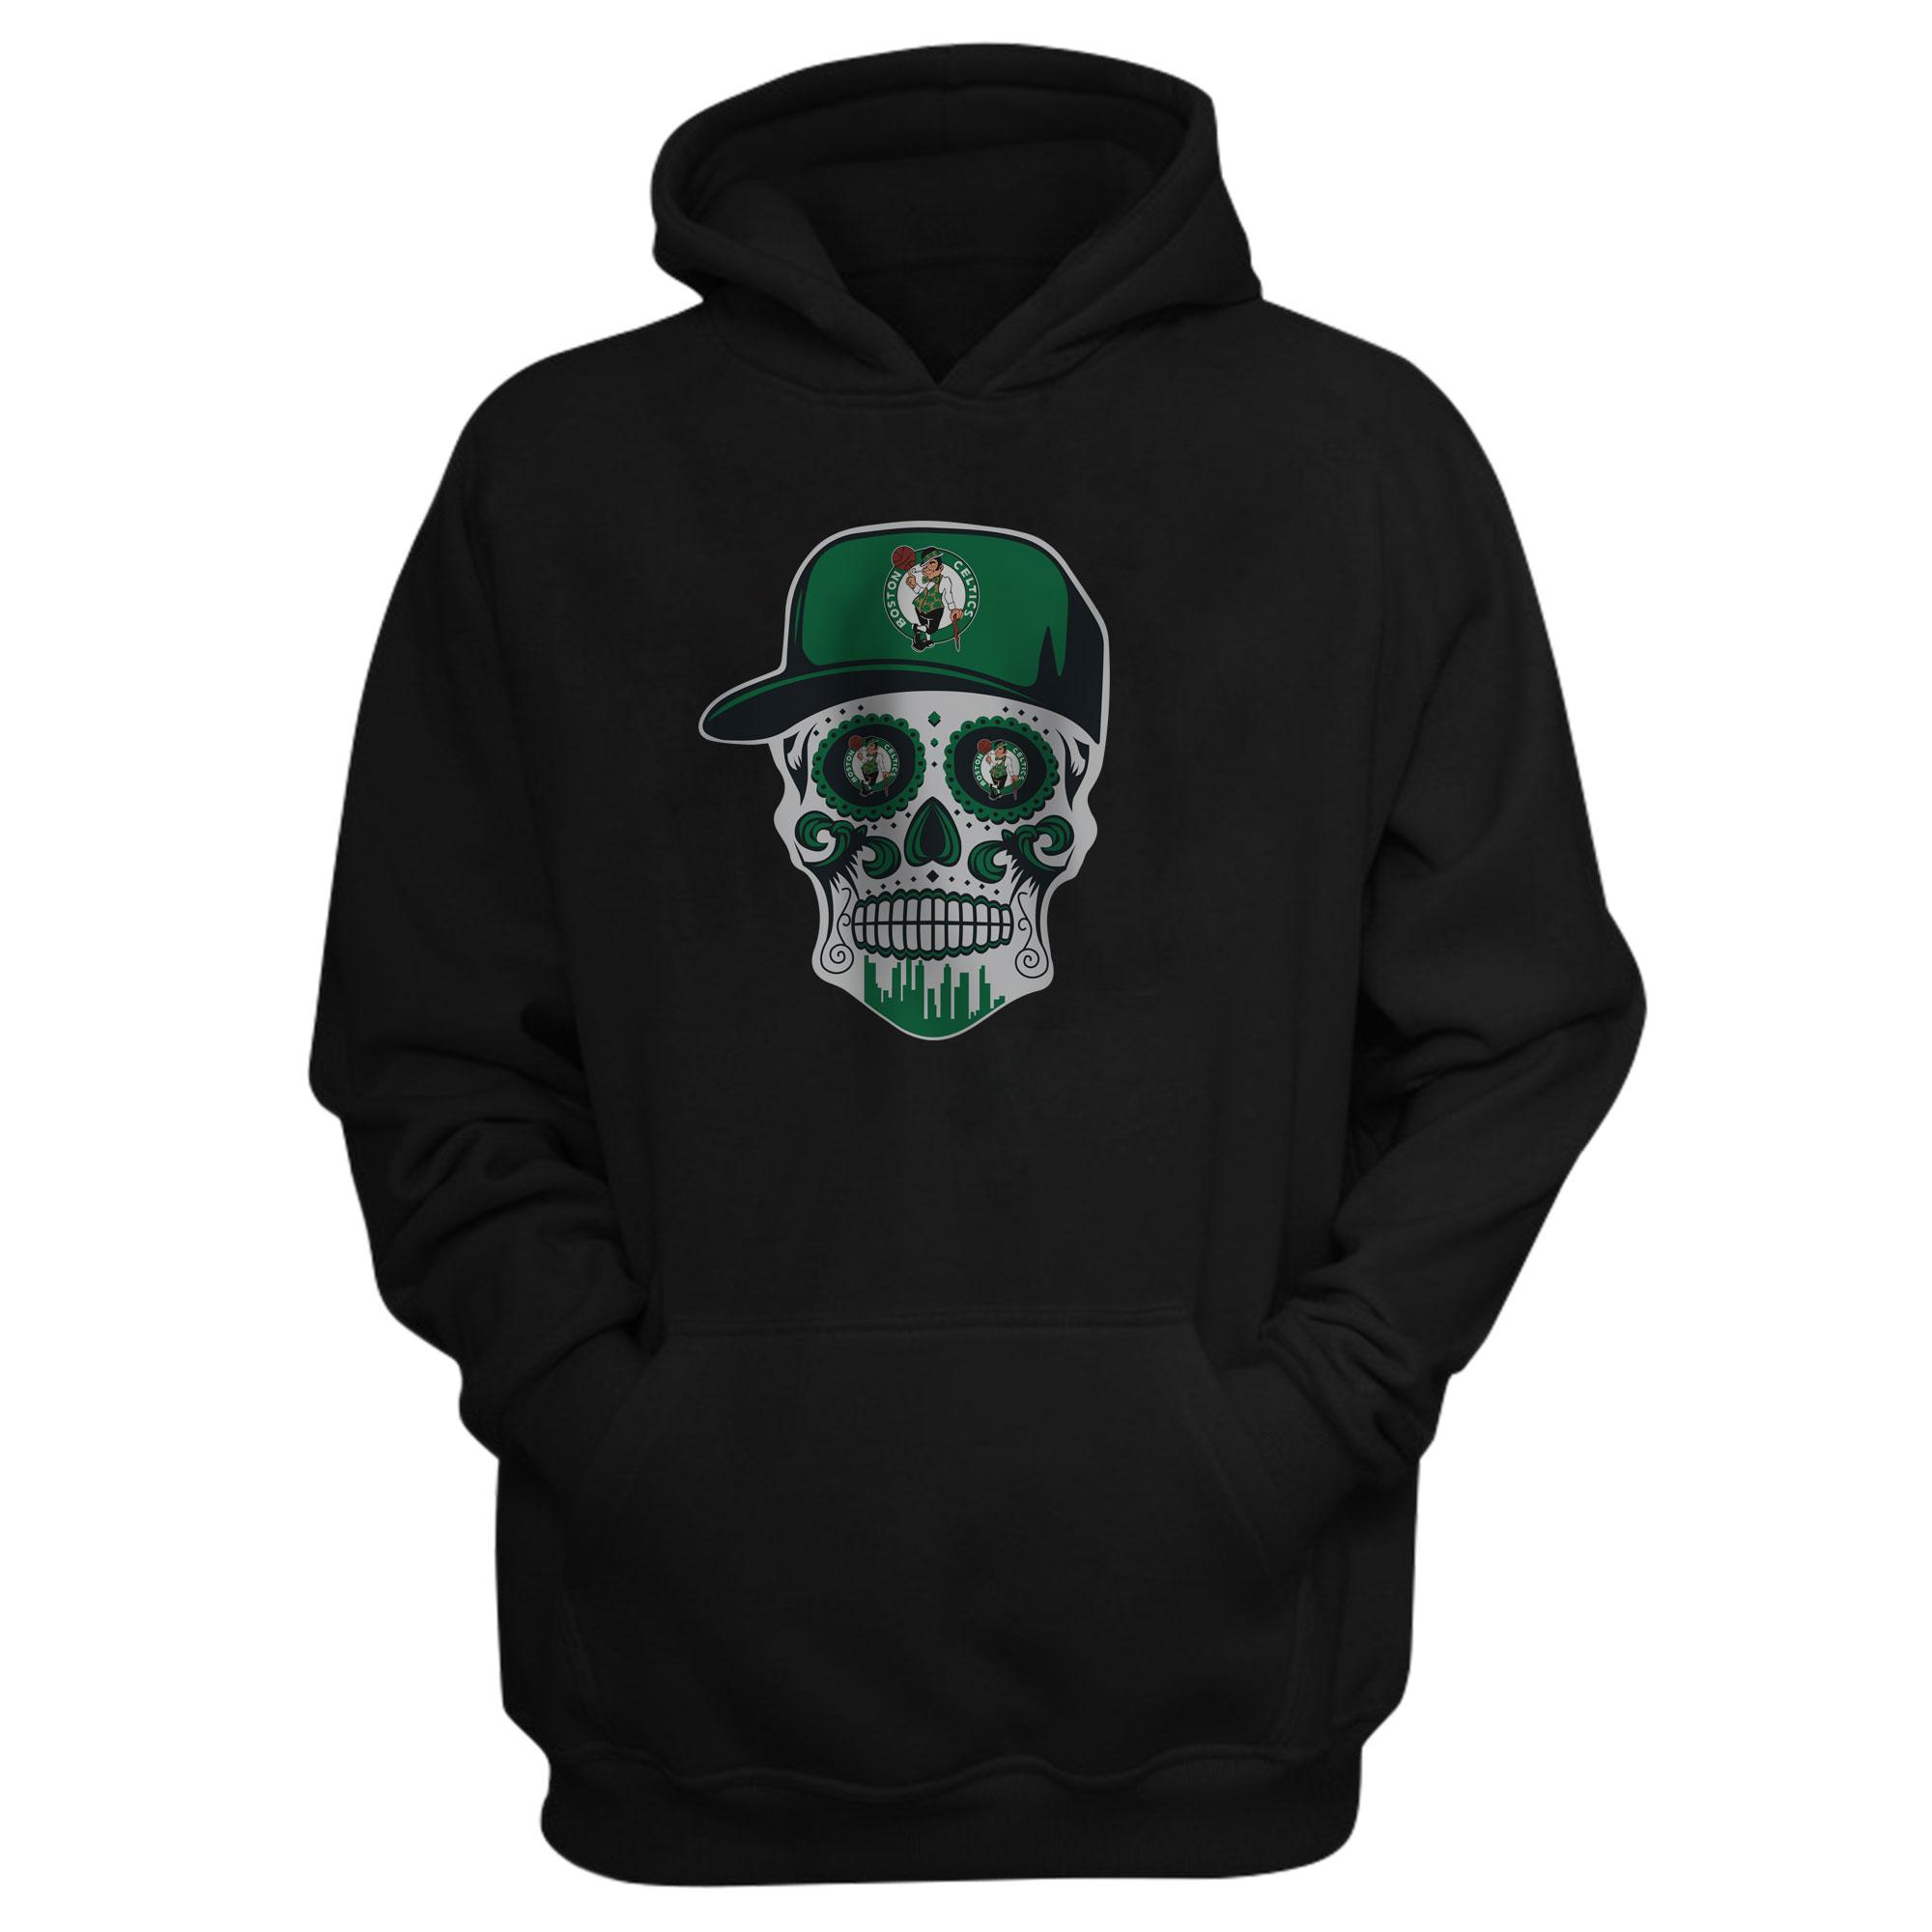 Celtics Skull Hoodie (HD-BLC-NP-448-NBA-BSTN-SKULL)